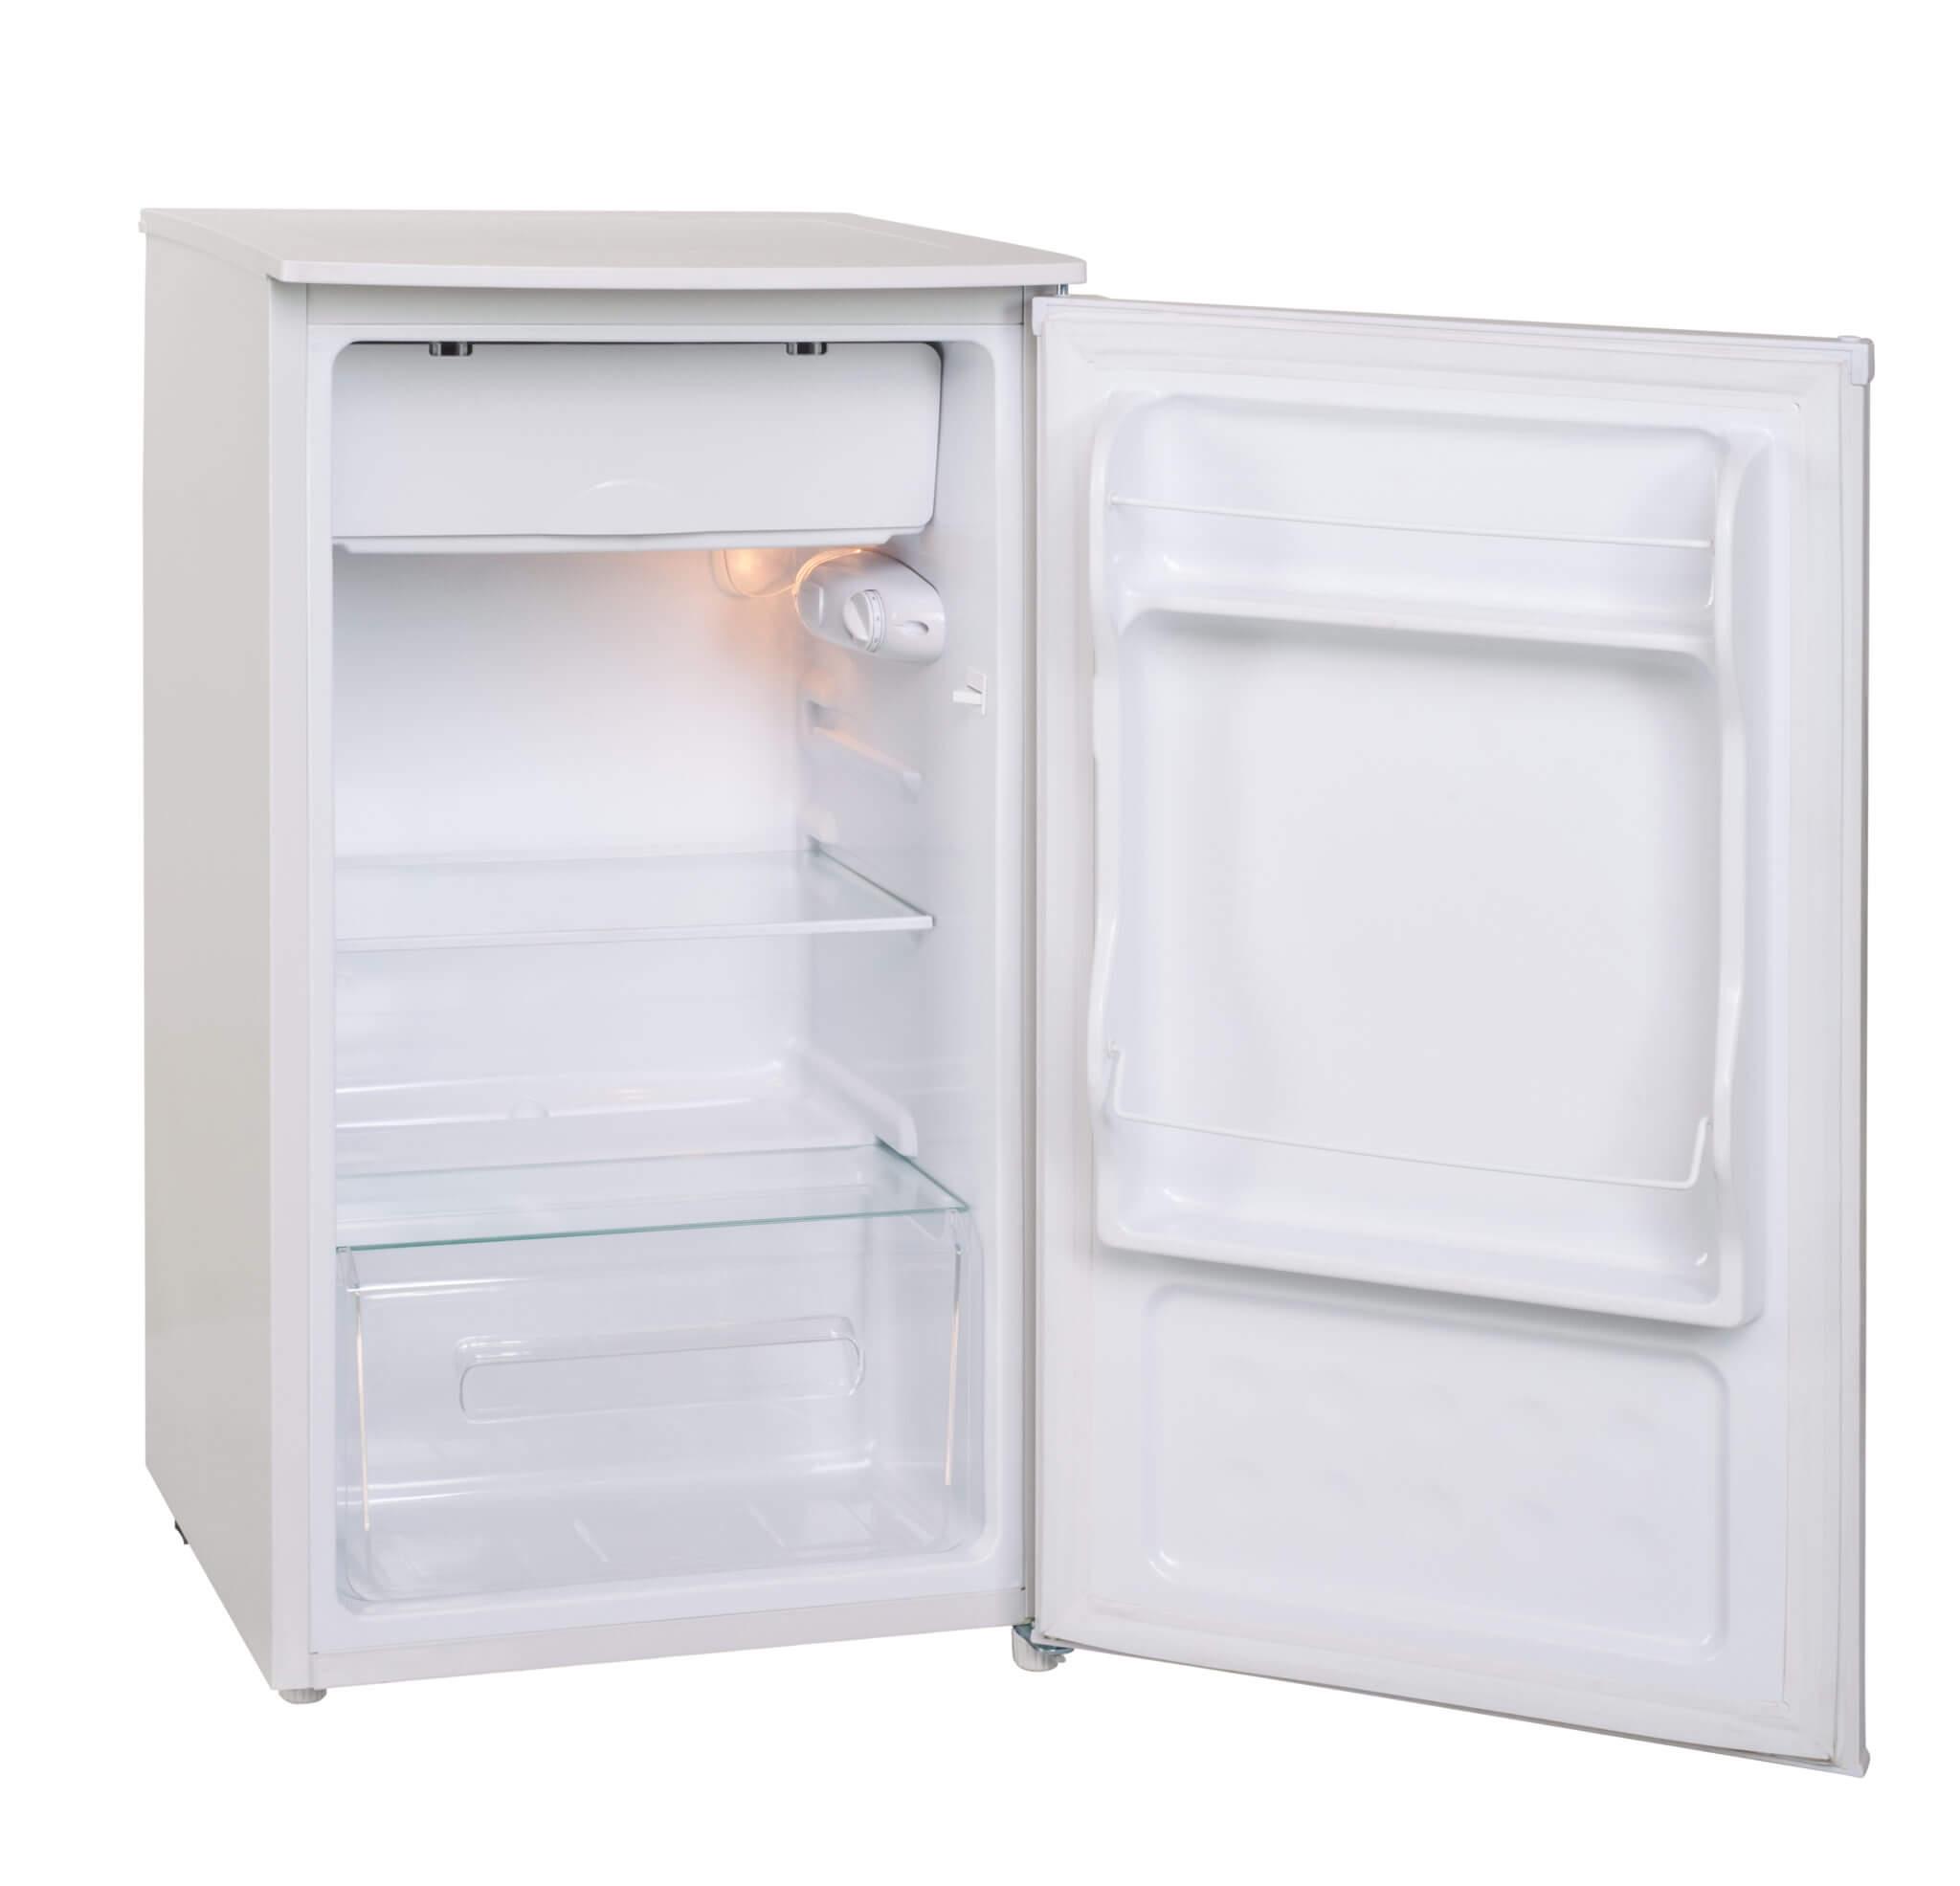 aujourd hui mon frigo est vide schizophr nie dans la peau. Black Bedroom Furniture Sets. Home Design Ideas